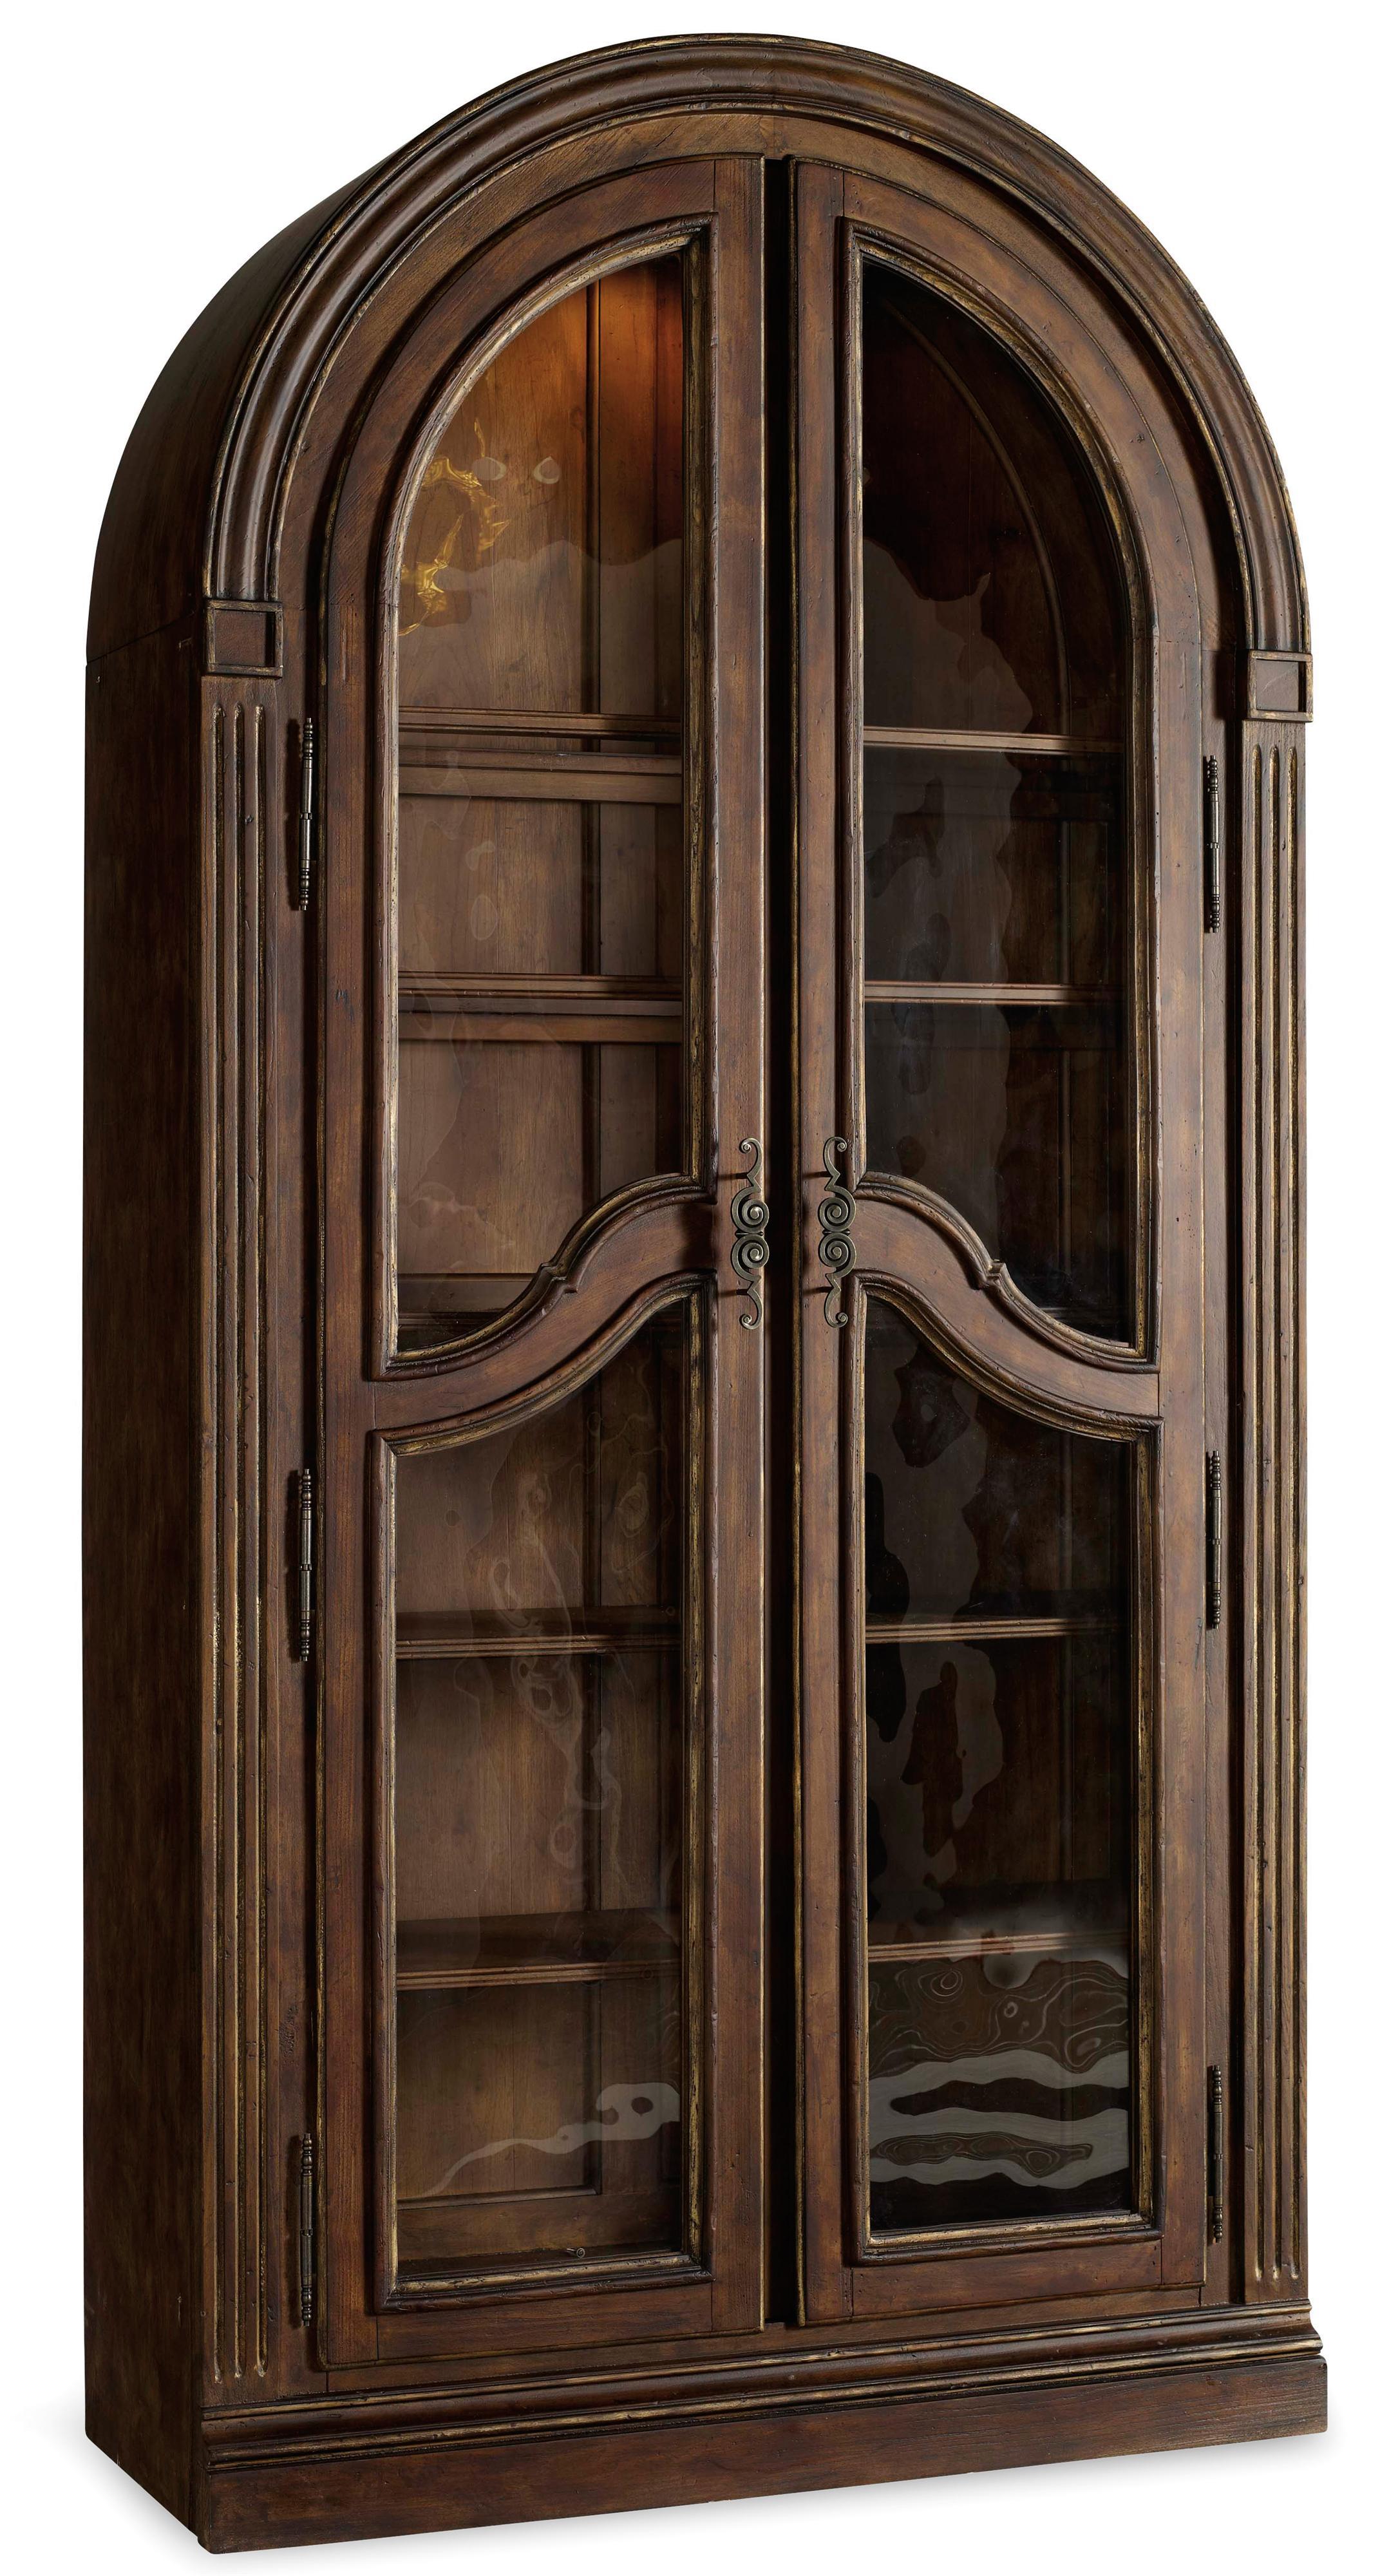 Hooker Furniture Adagio Bunching Curio - Item Number: 5091-50001